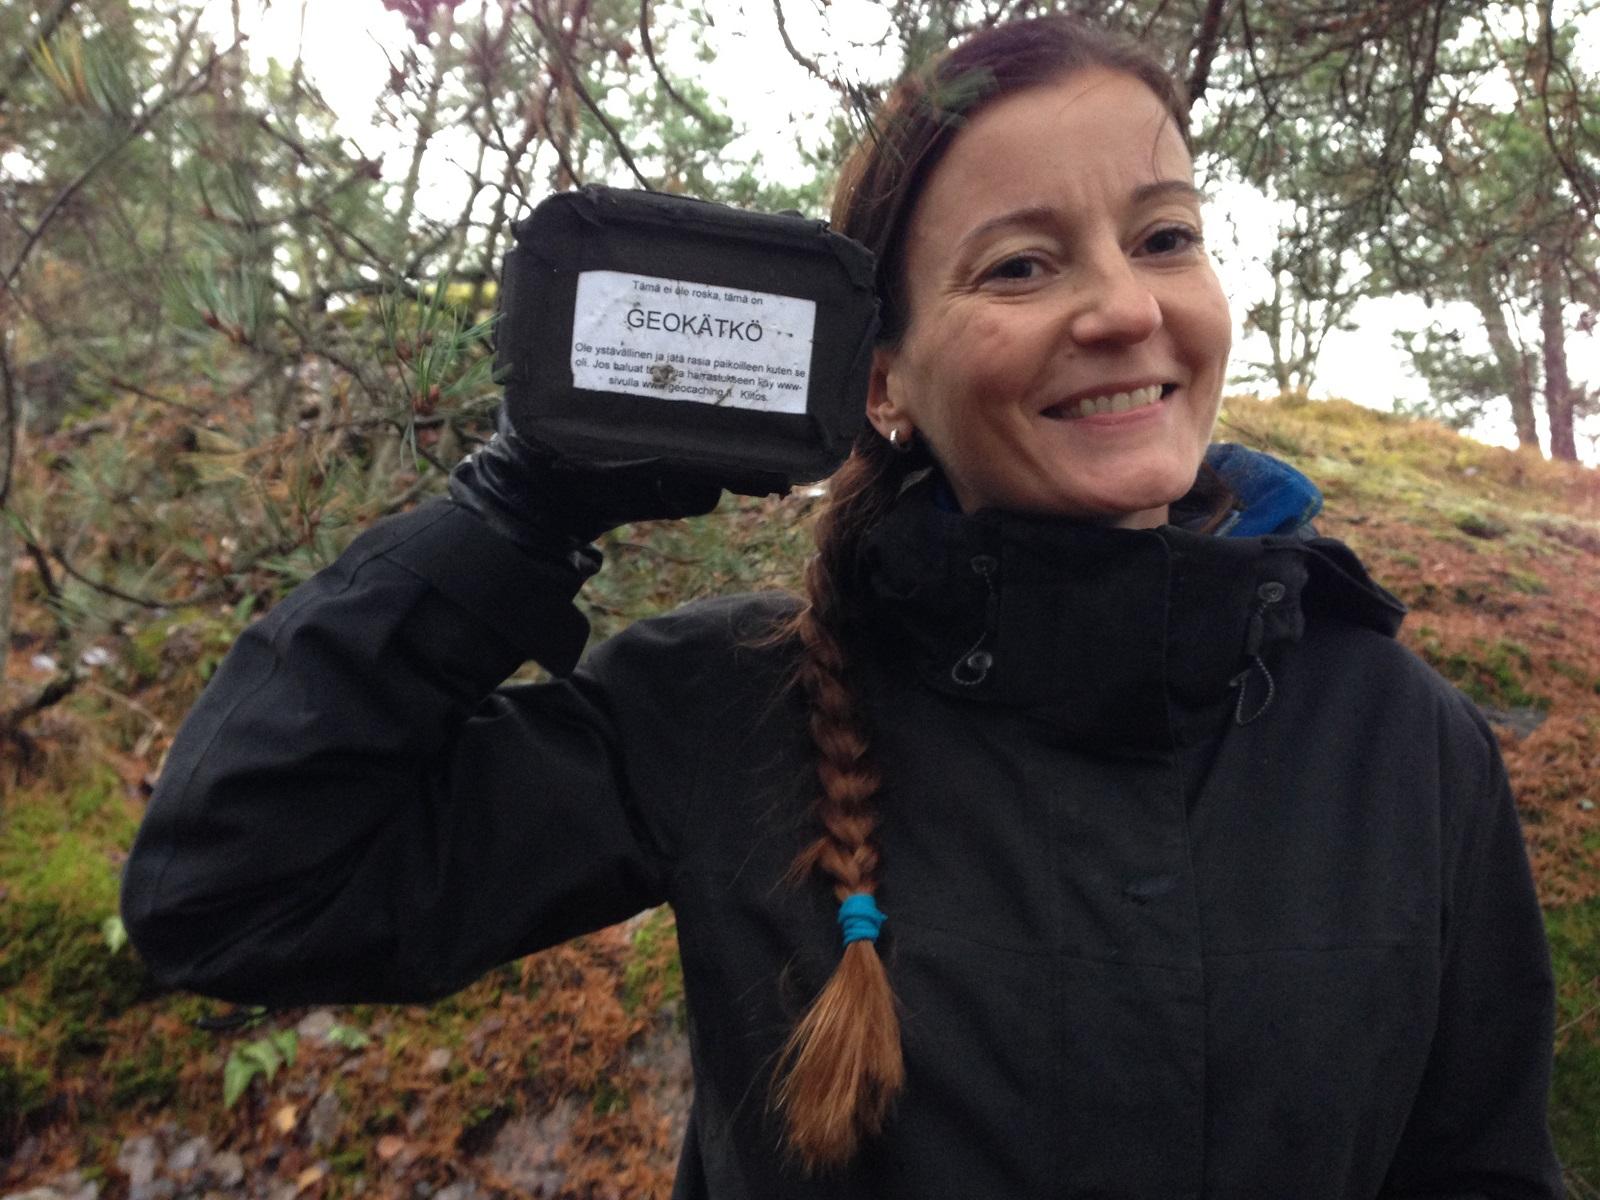 Ensimmäinen purkki! Hymystä päätellen pelastuslaitoksen koulutussuunnittelija Tanja Uusitalon mielestä geokätköily on ihan jees.